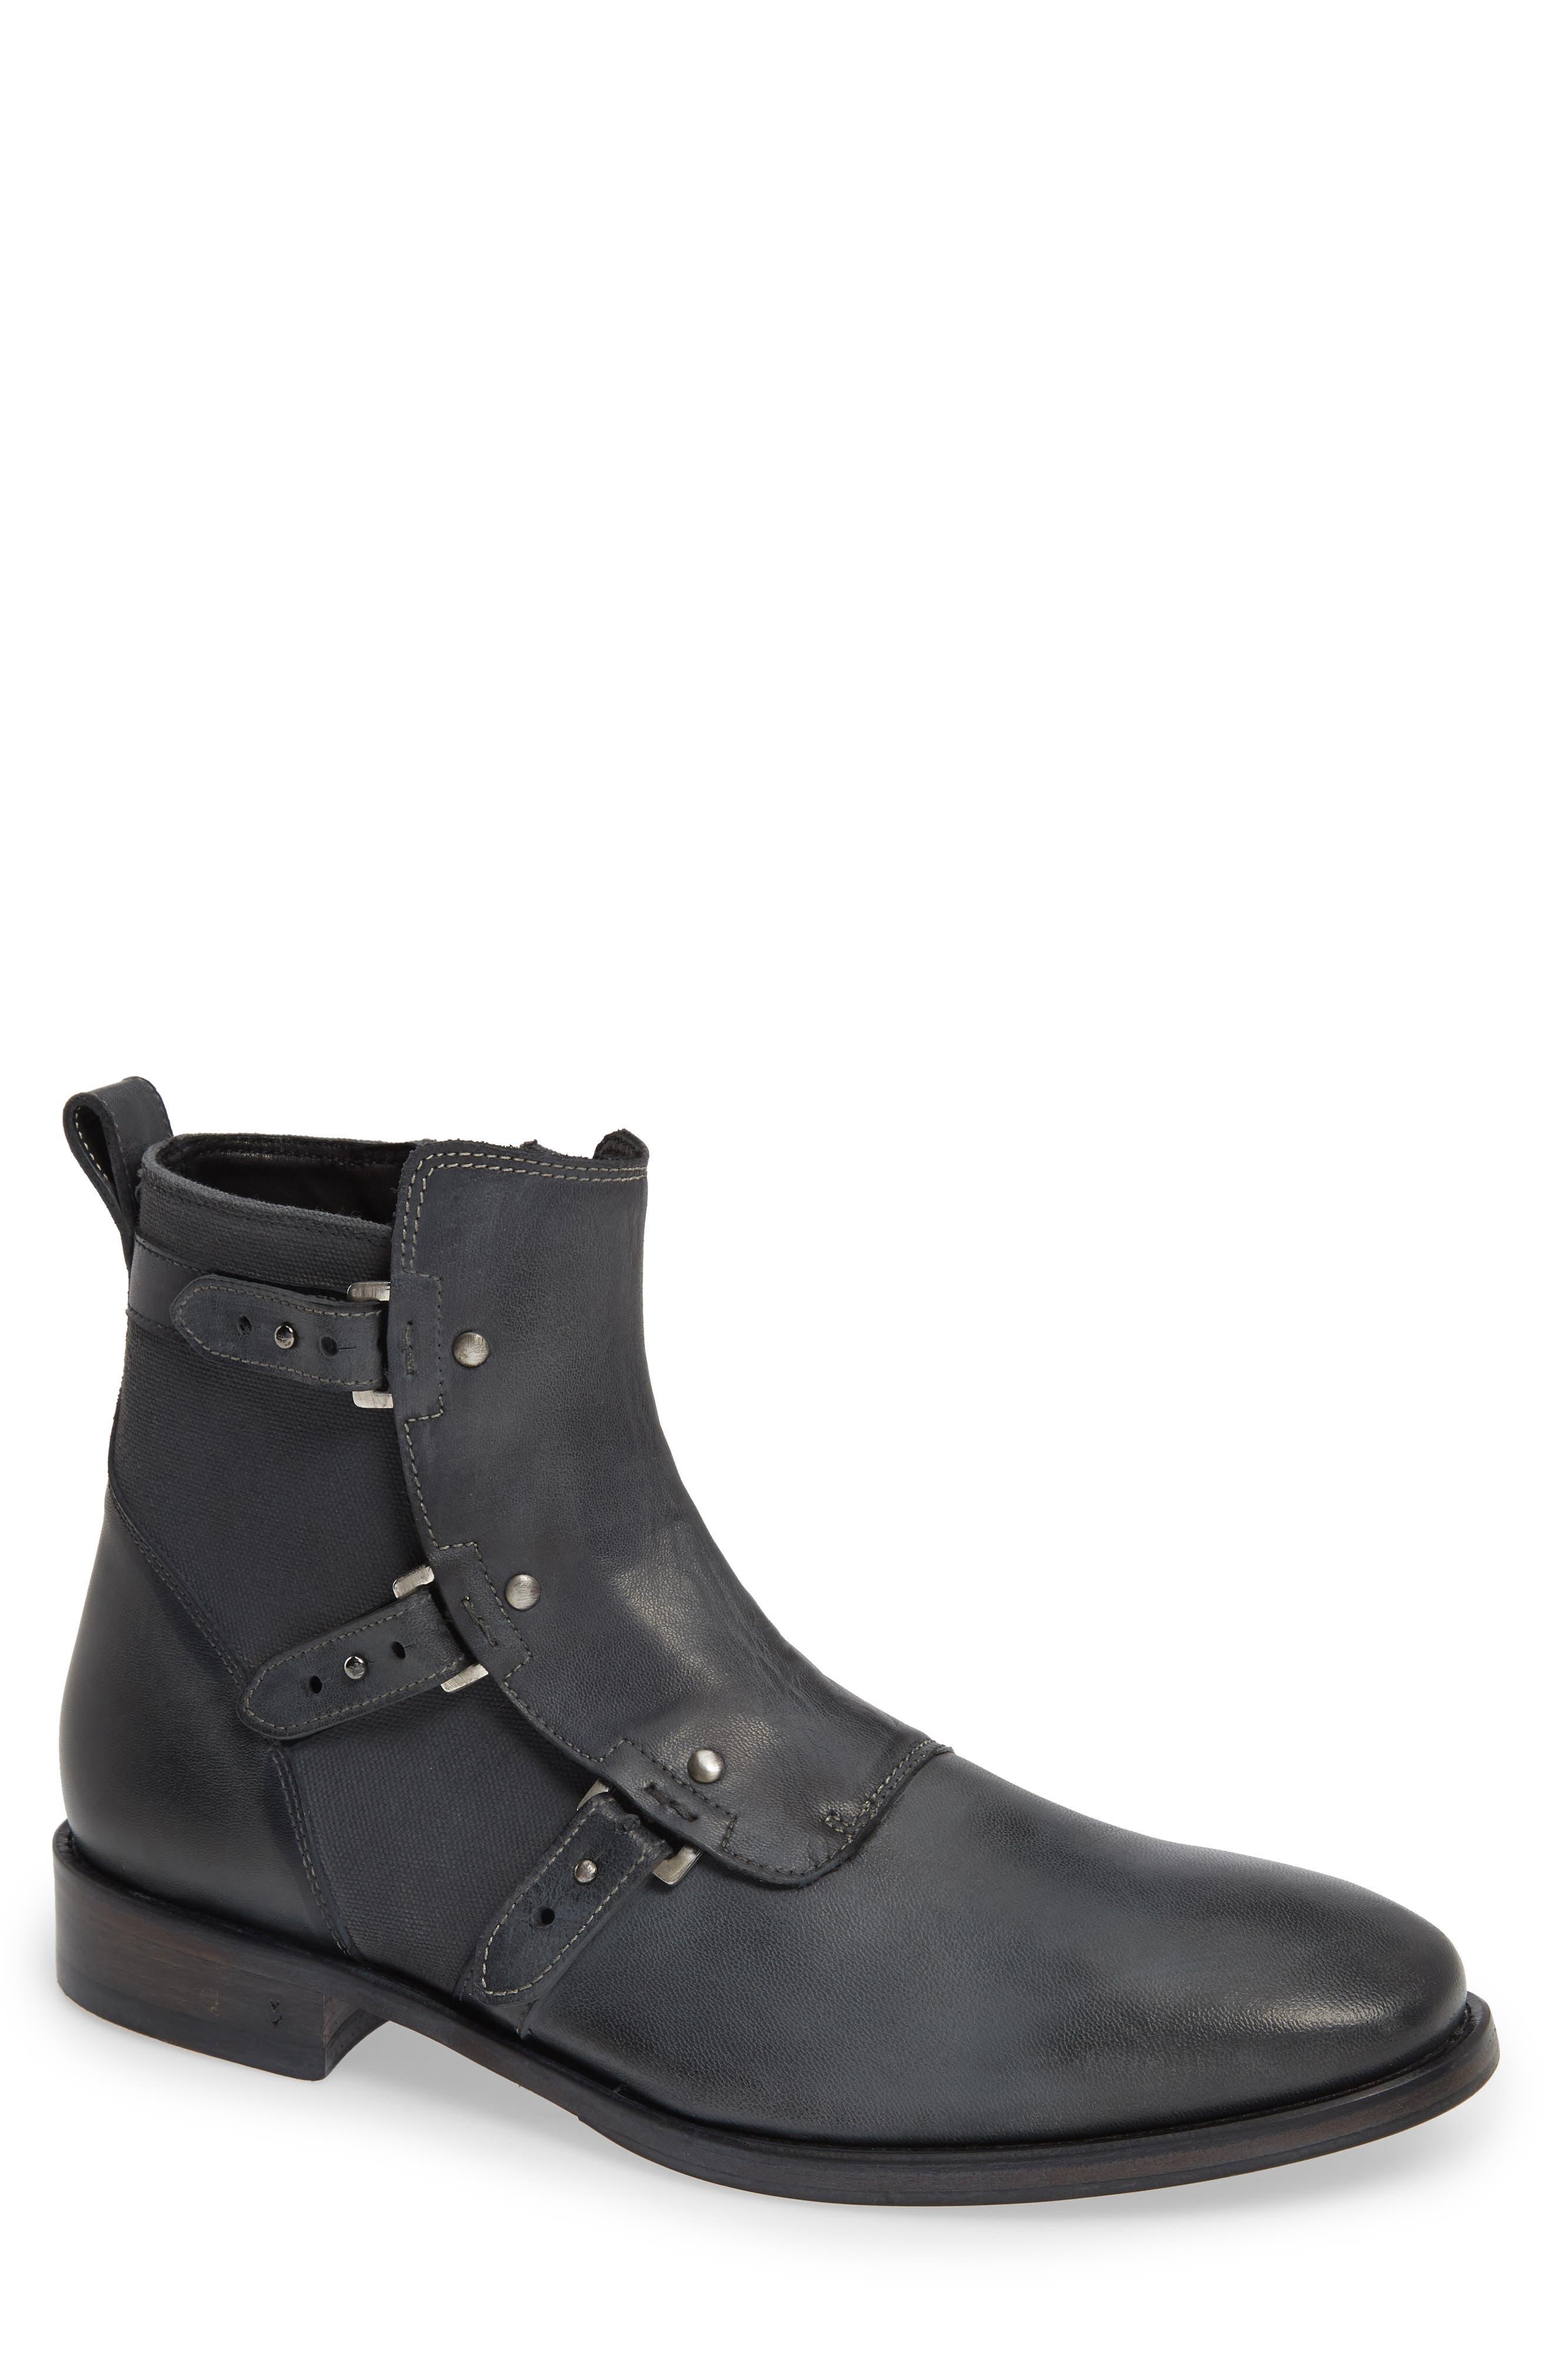 John Varvatos Collection Fleetwood Zip Boot- Black